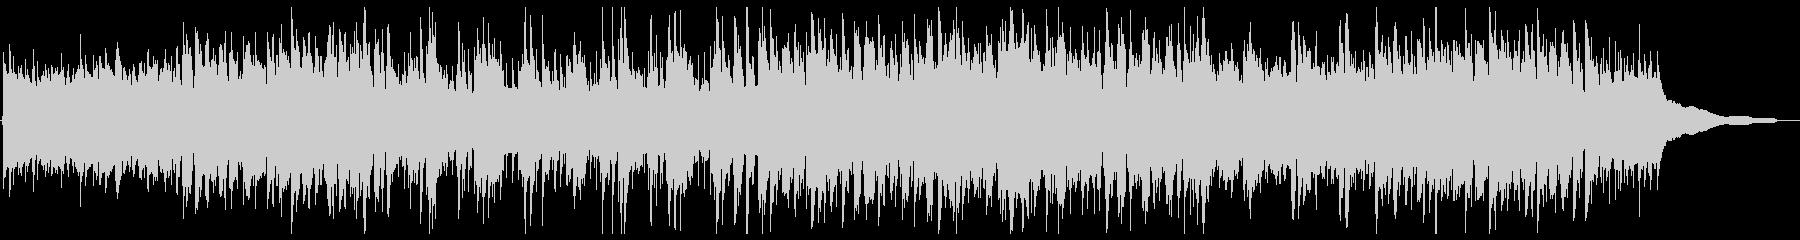 口笛とアコギがさわやかなカントリー系音楽の未再生の波形